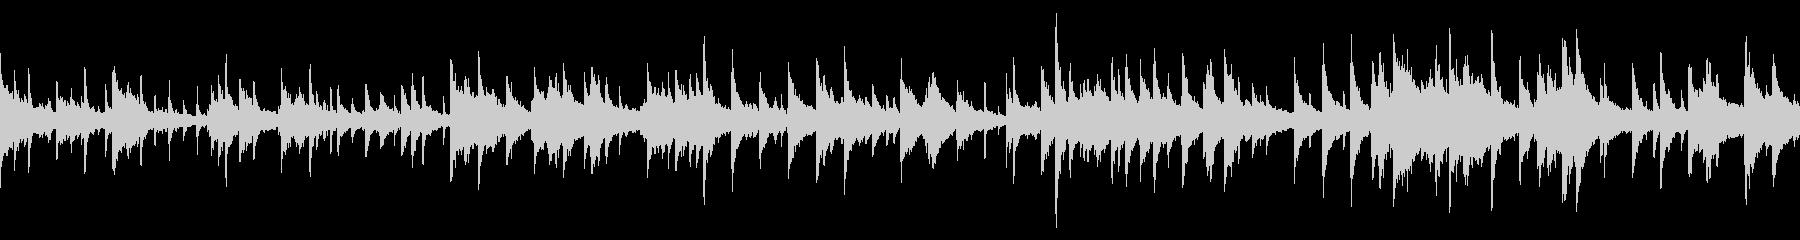 煌びやかなジャズのBGM(ループ仕様)の未再生の波形